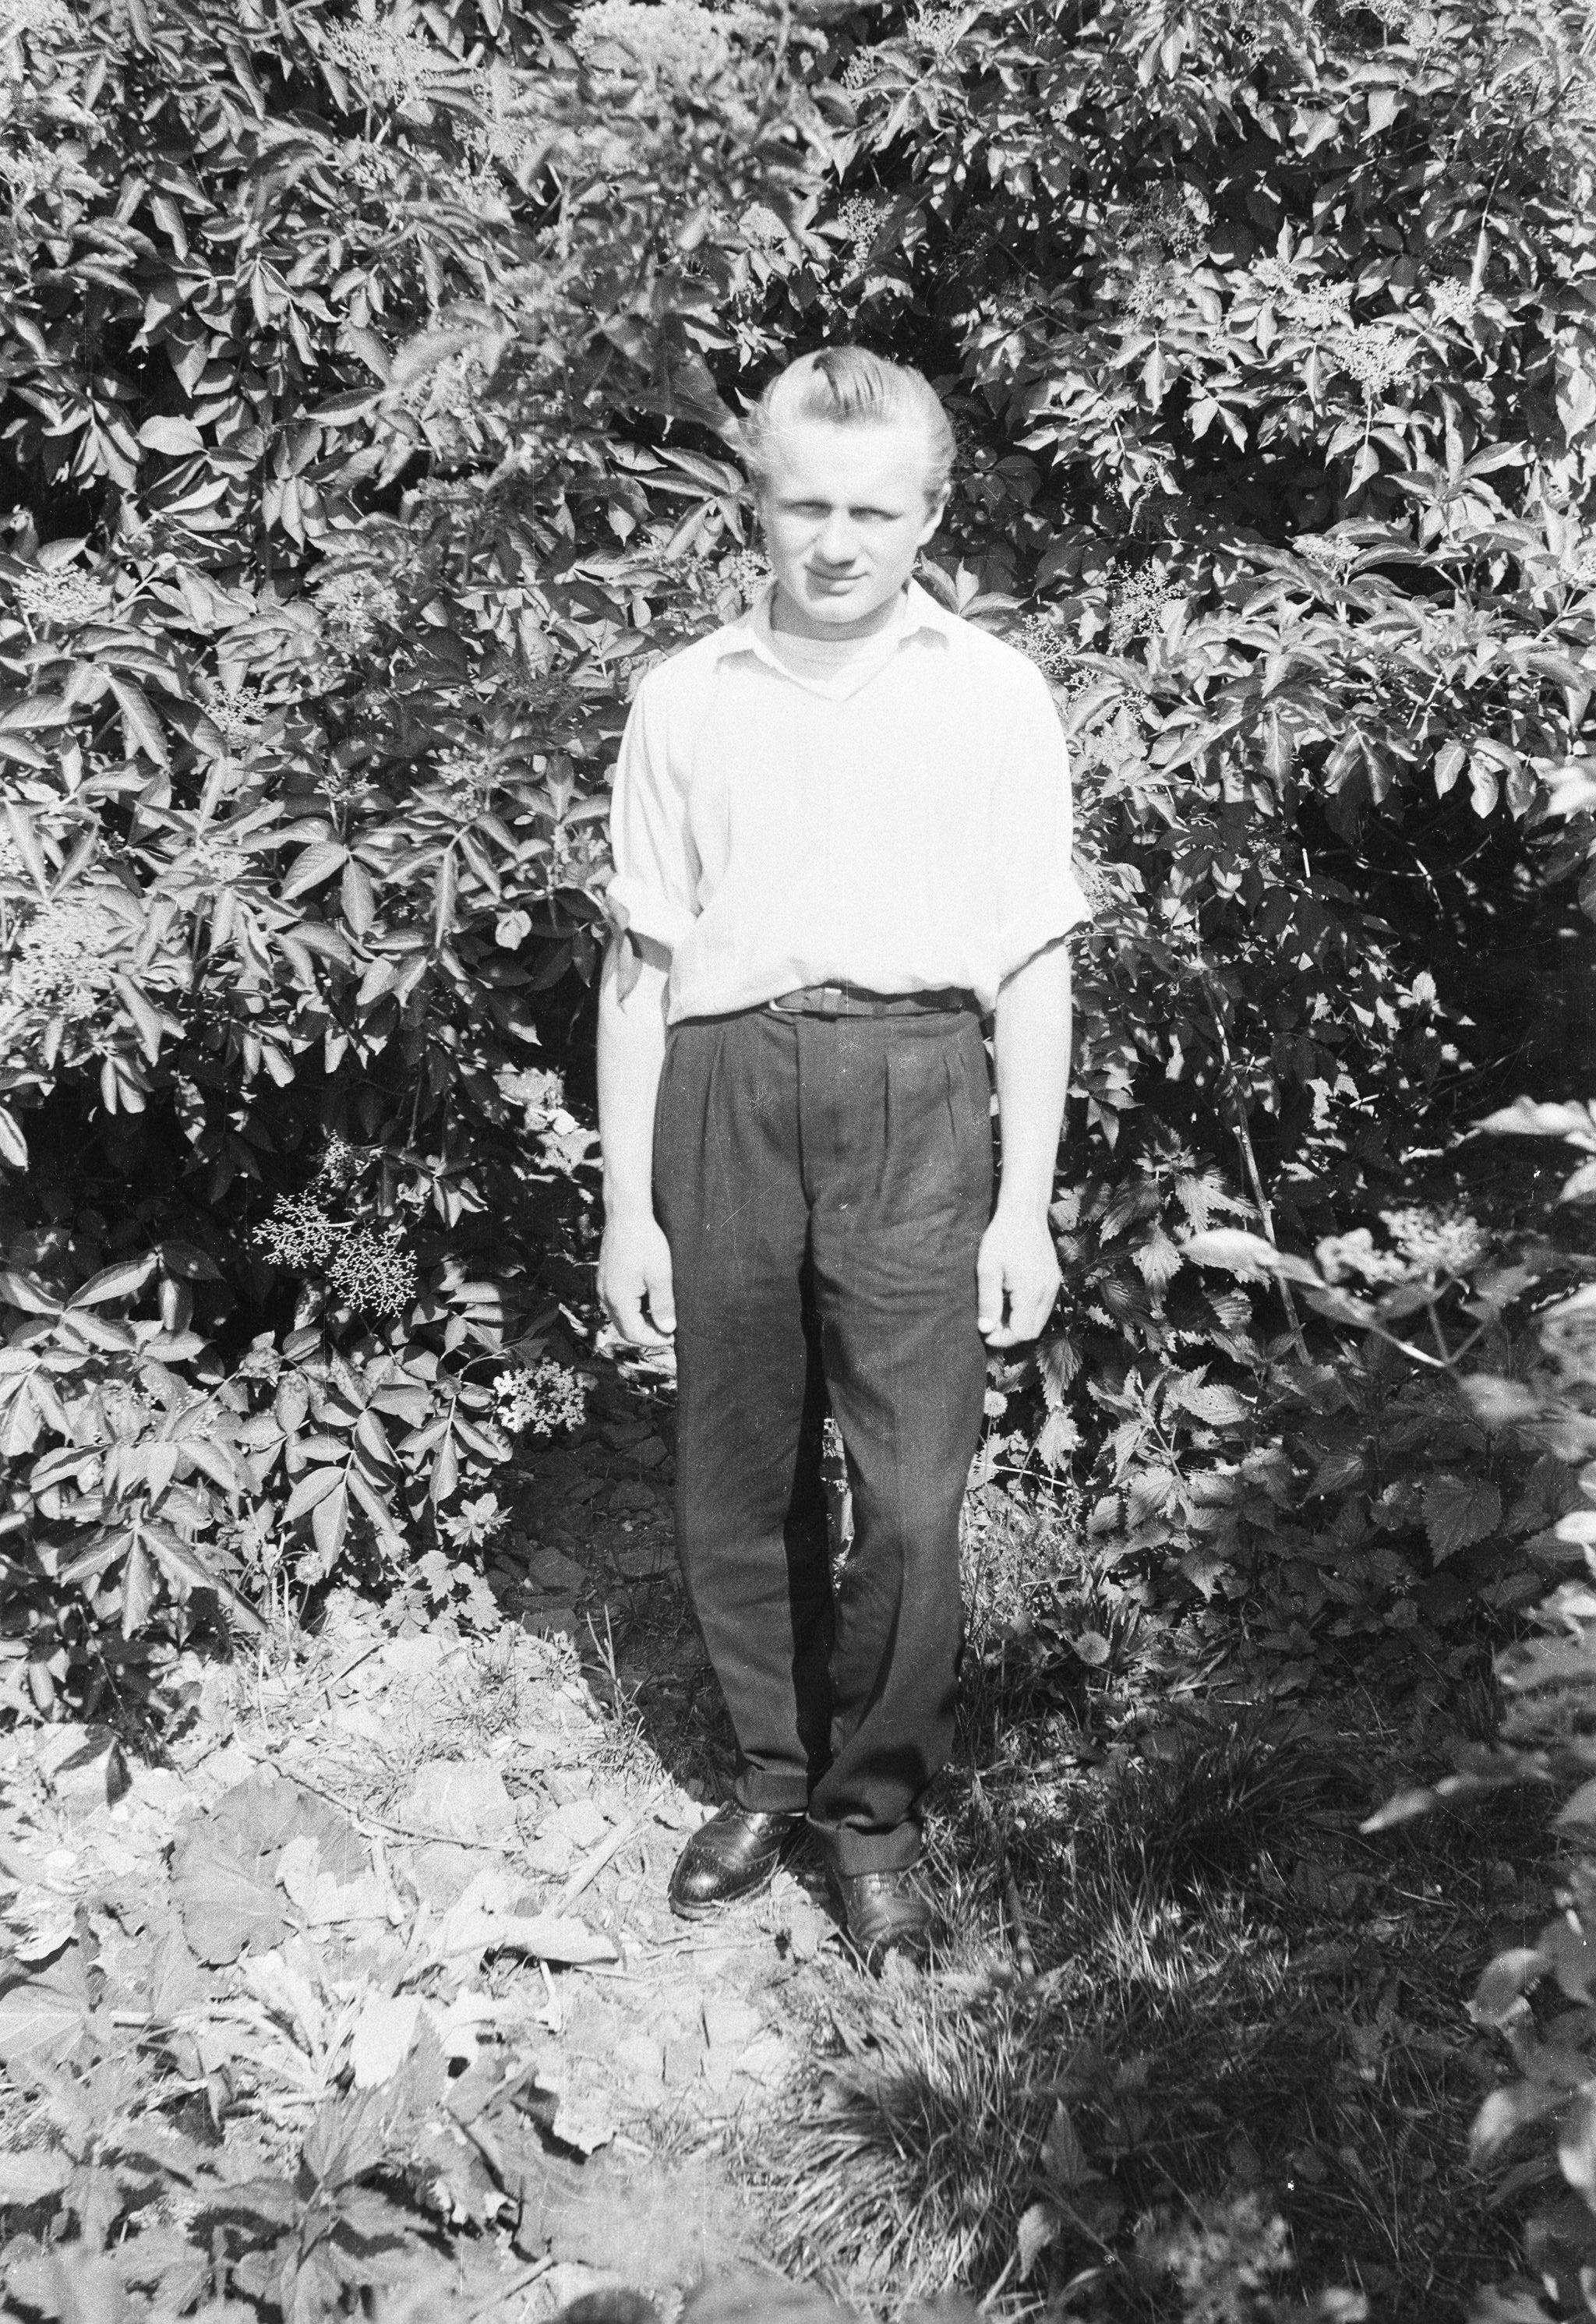 Władek, Rudawa, Dolny Śląsk, lata 50. XX w.